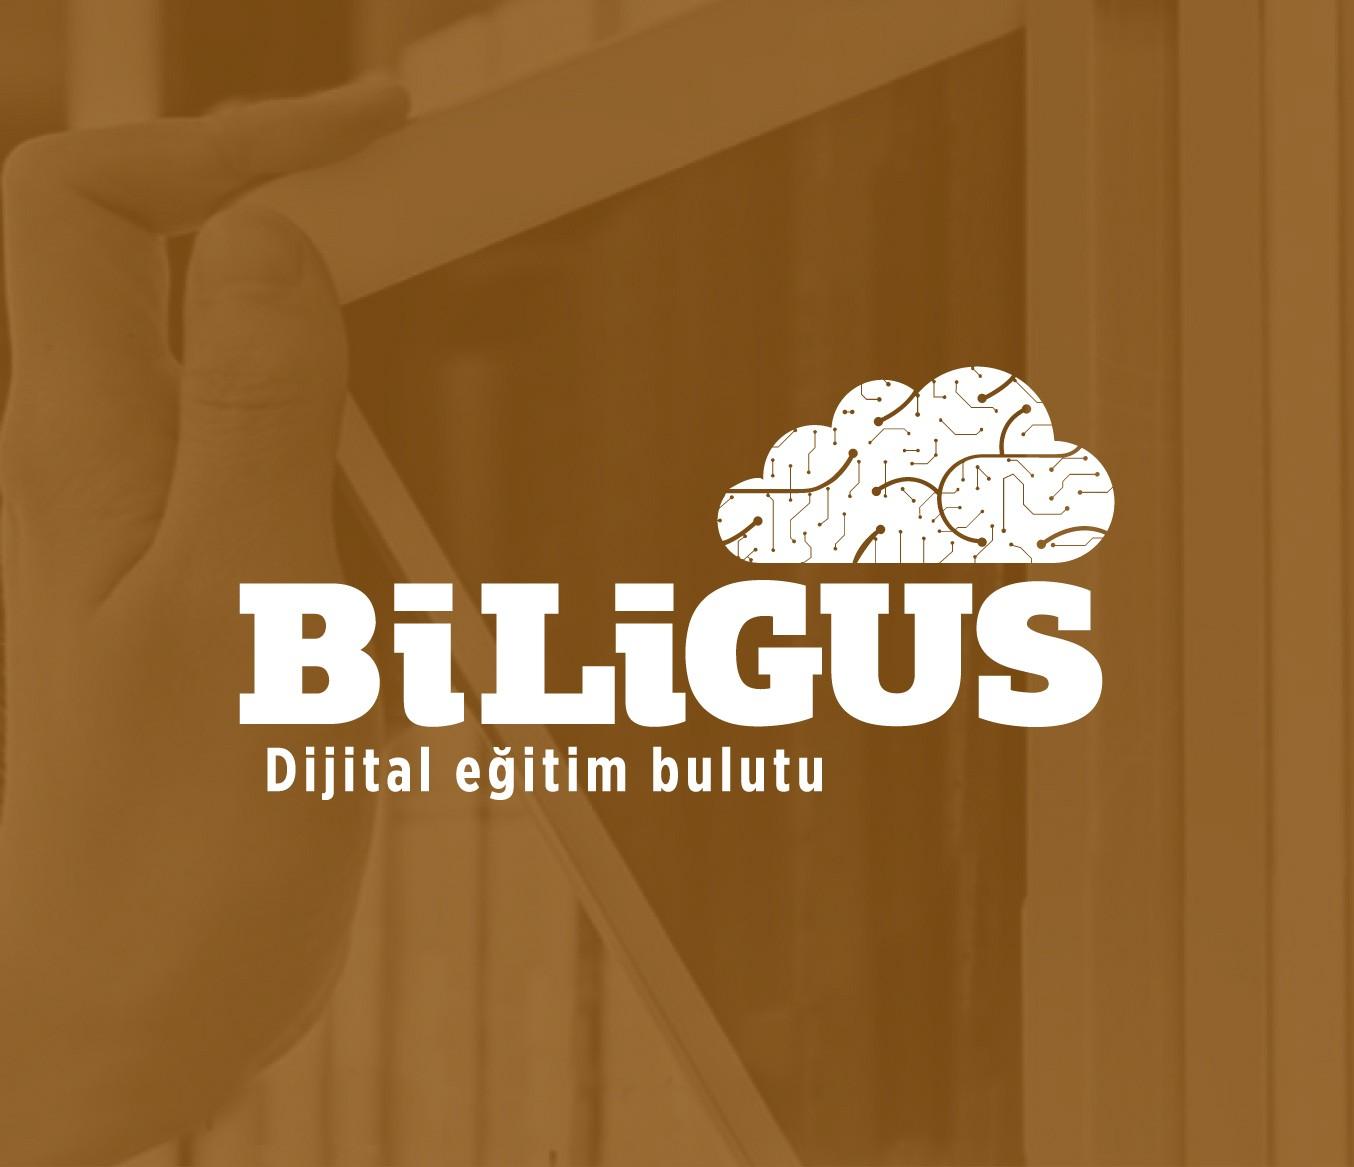 BİLİGUS